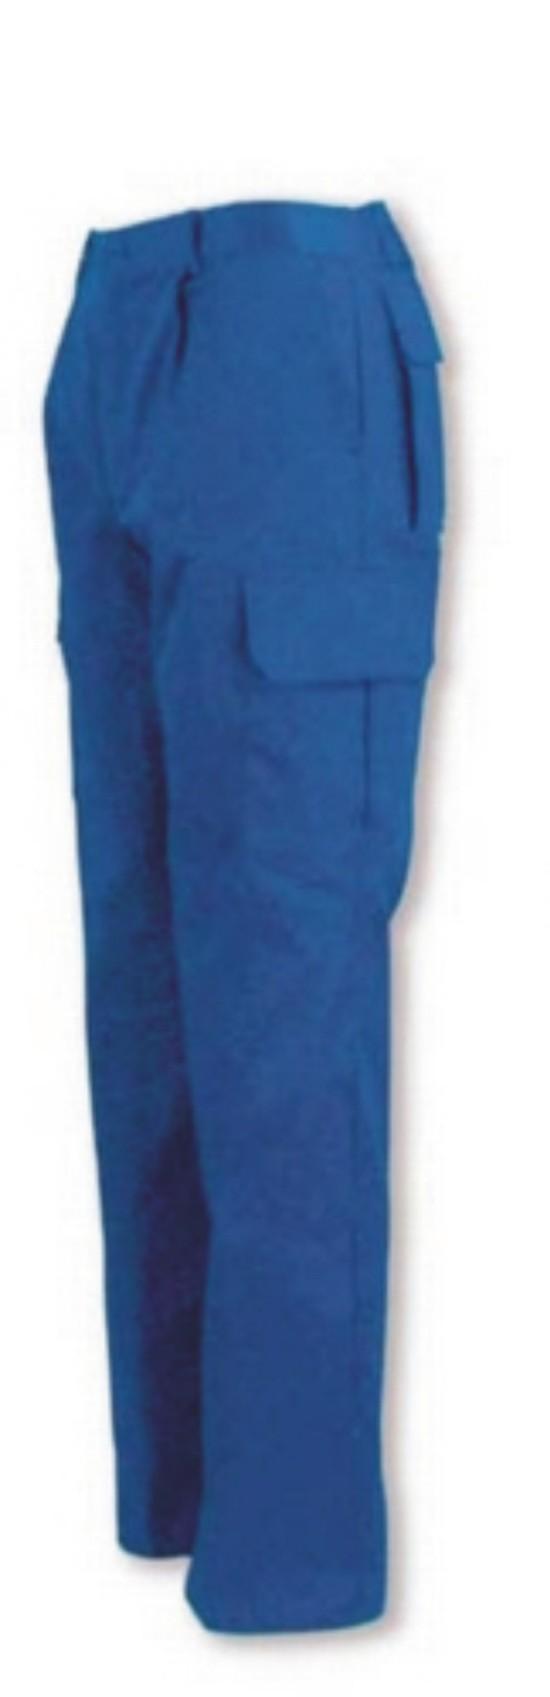 Pantalones de trabajo multibolsillos en muchos colores for Pantalones de trabajo multibolsillos